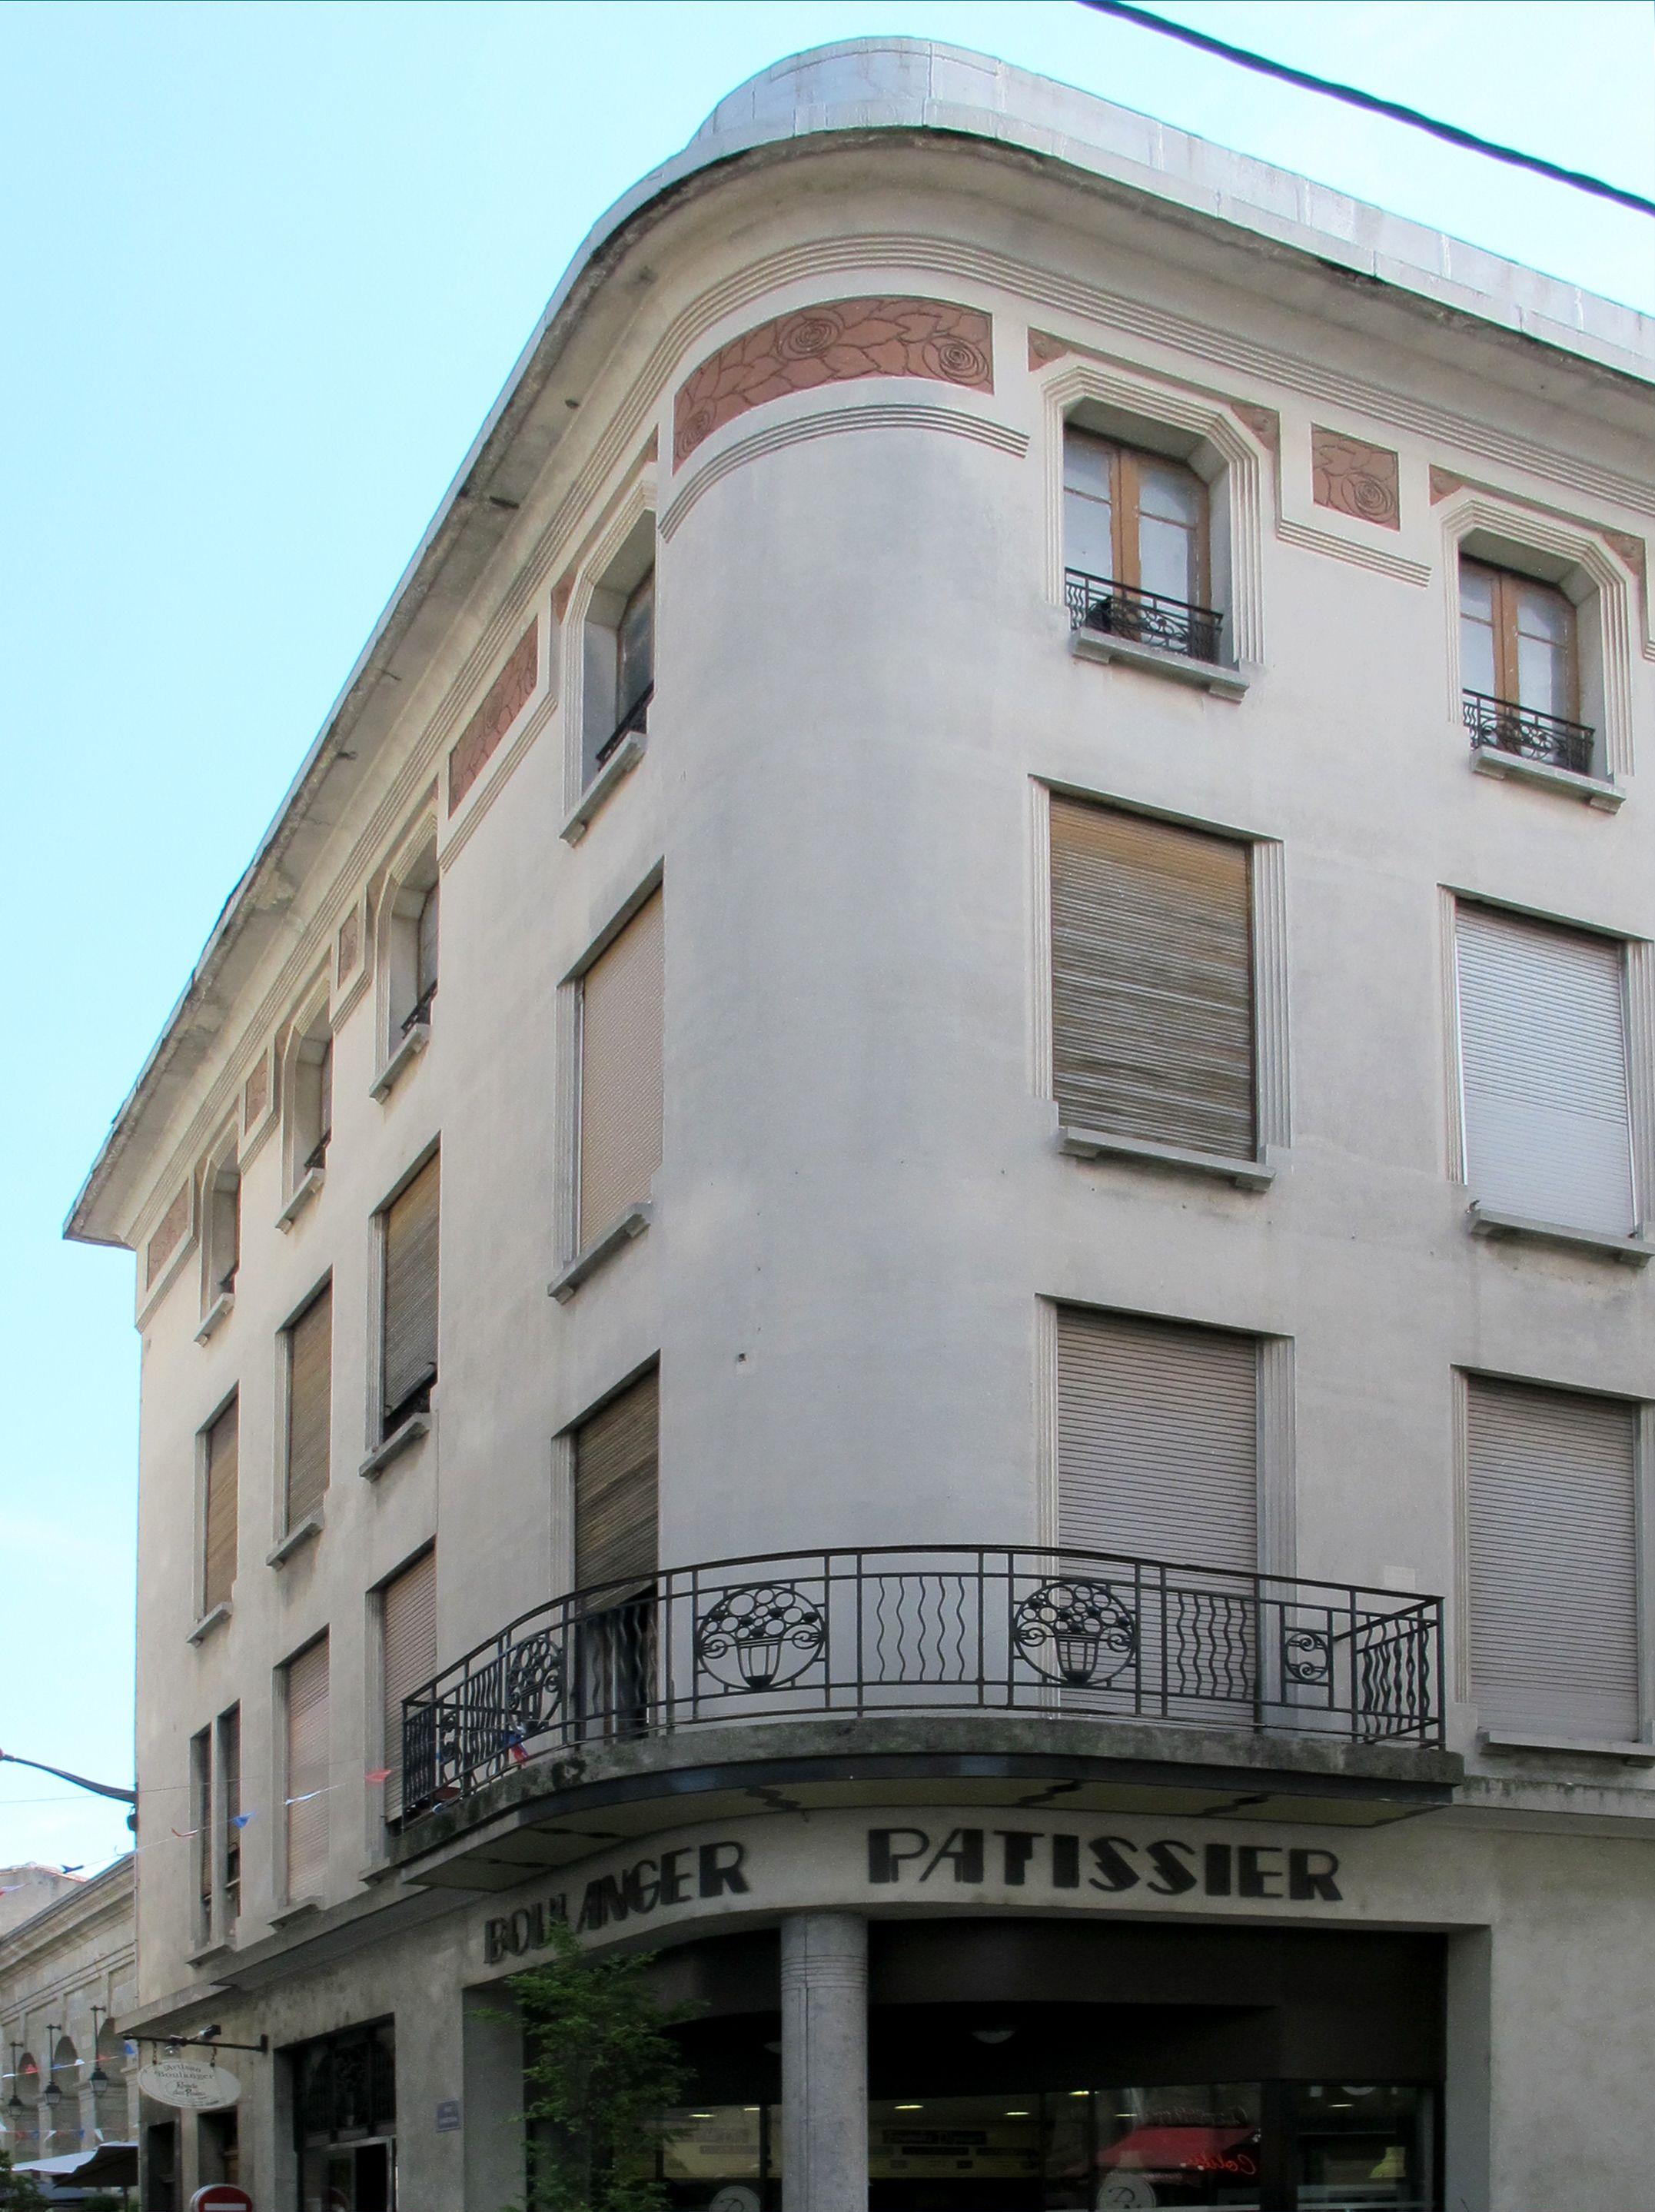 Carcassonne - Pascale Nallet JURIC- Jean   - François JURIC - artiste La Rochelle , ile de Ré  - french artist - artiste peintre La Rochelle - Artiste Peintre ile de Ré